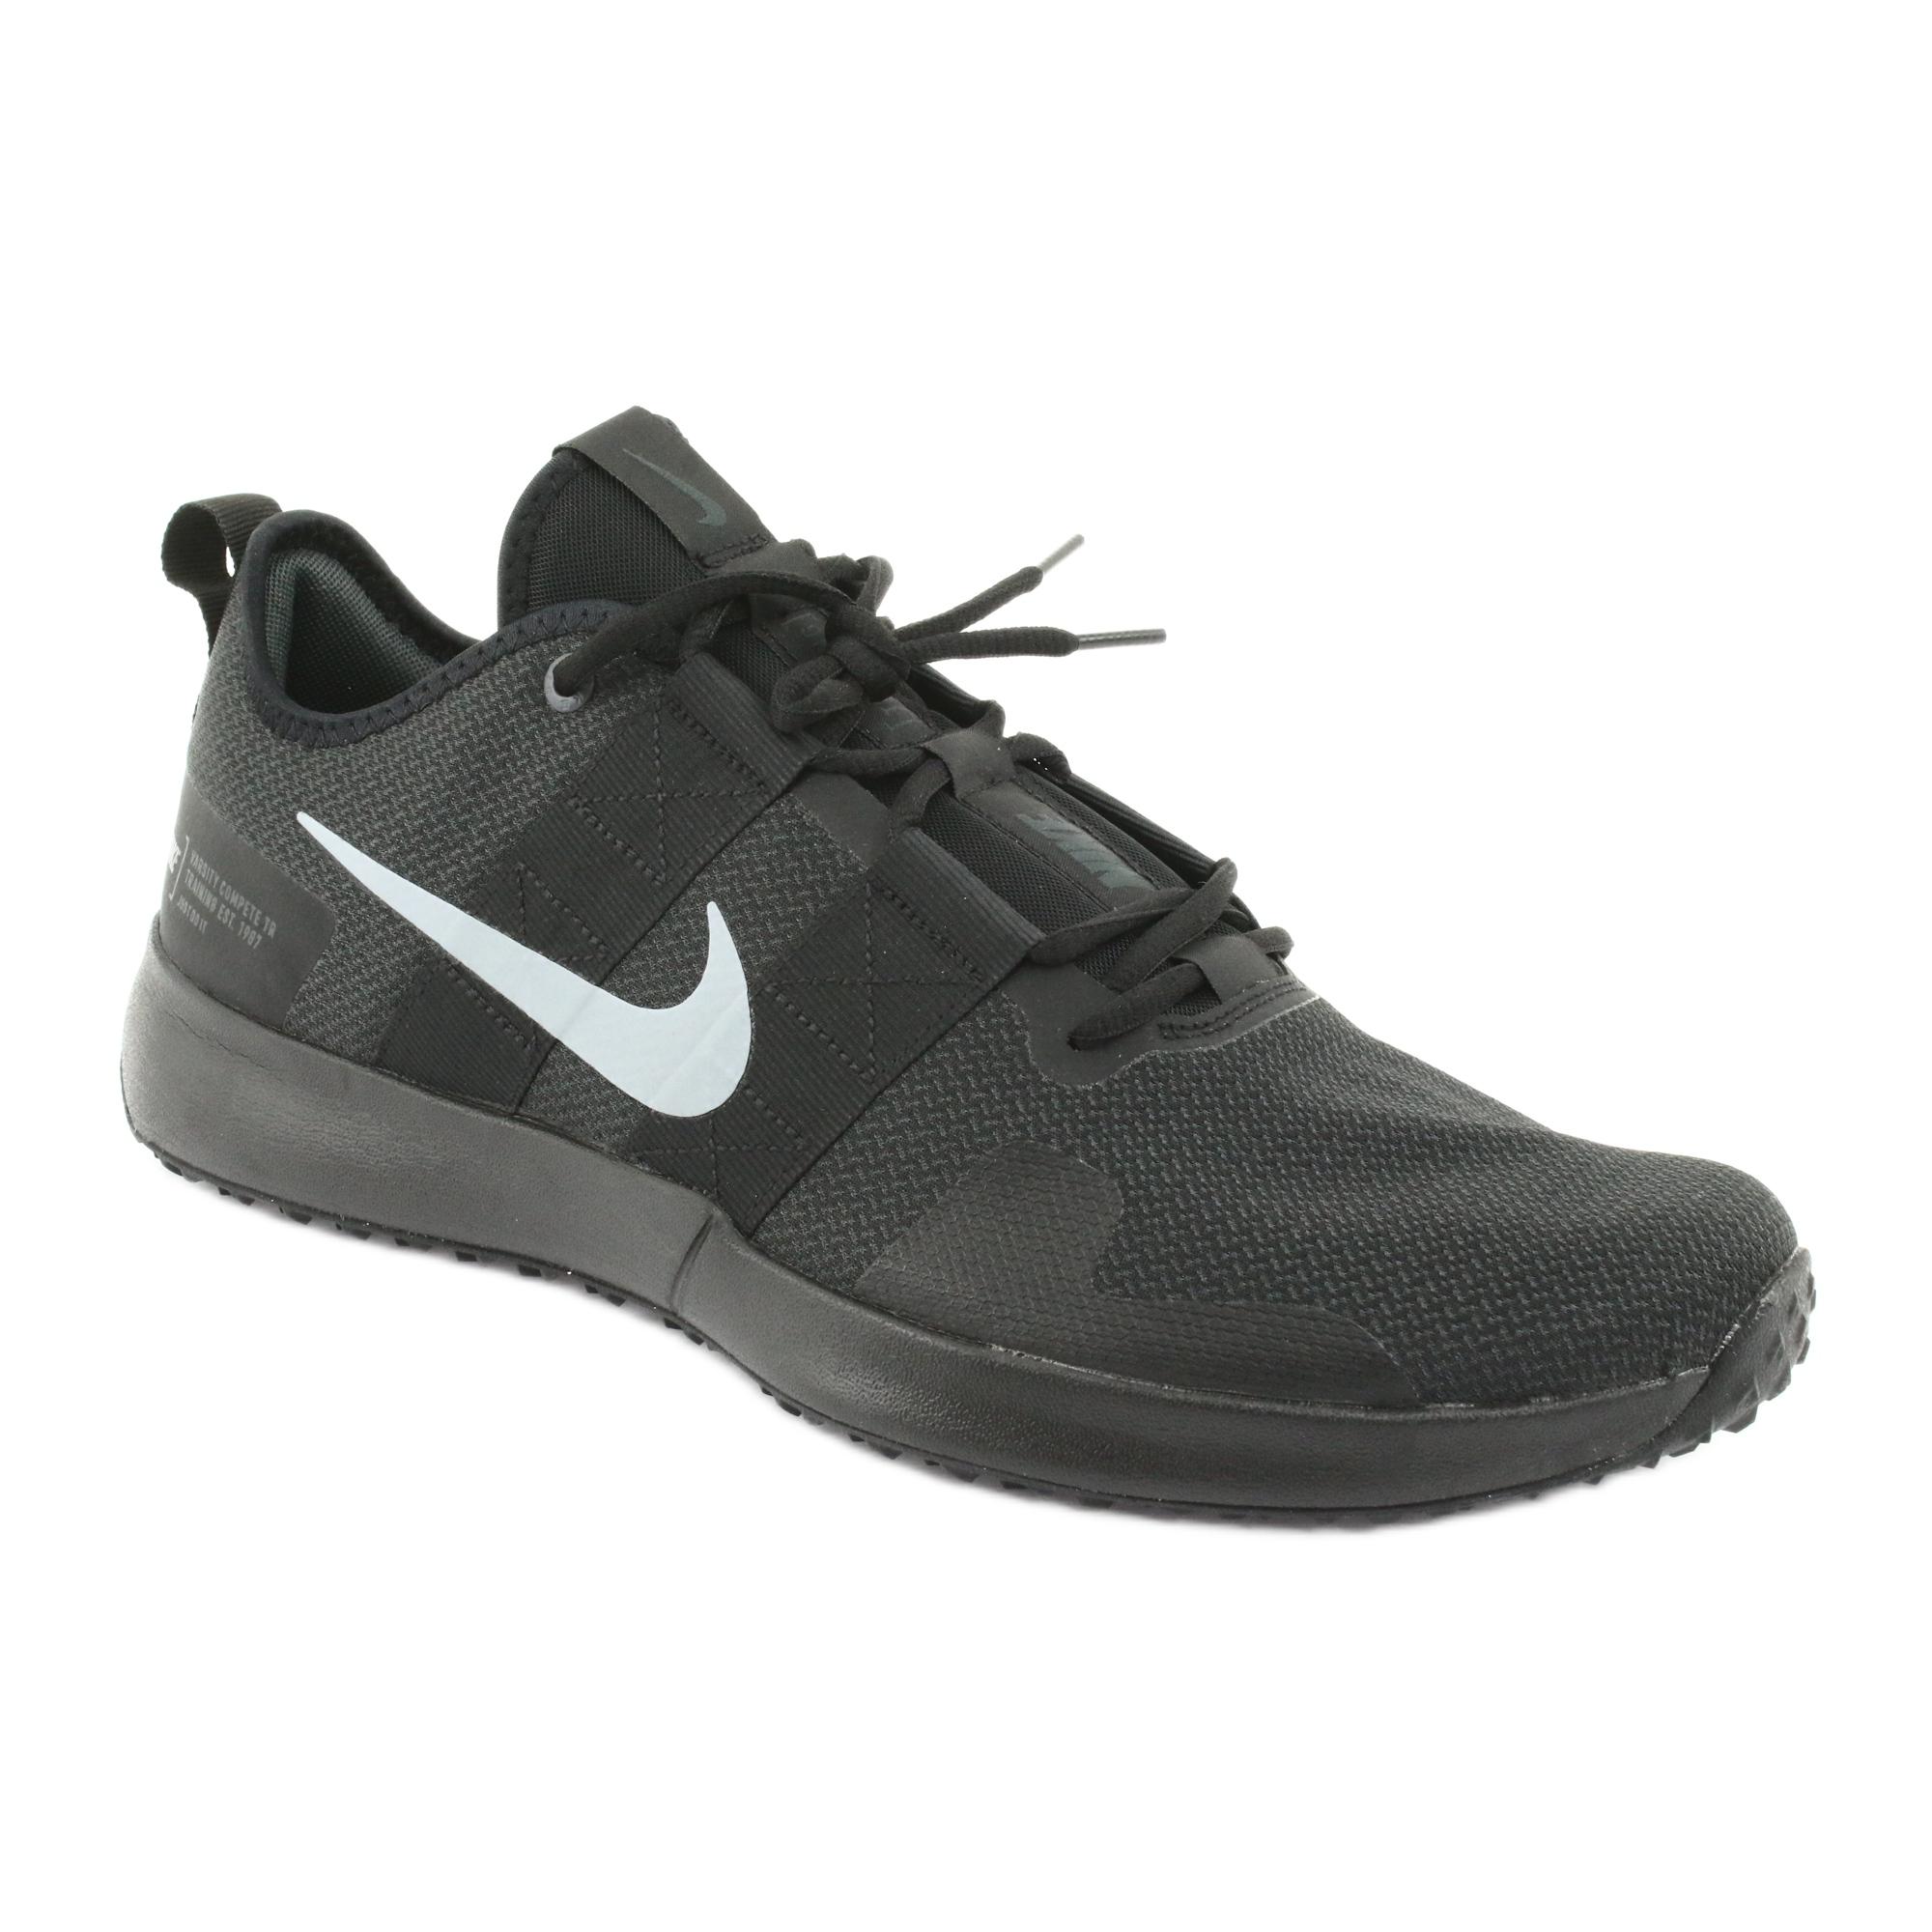 Nike Varsity competir sapatos de treinamento TR2 M AT1239 001 preto